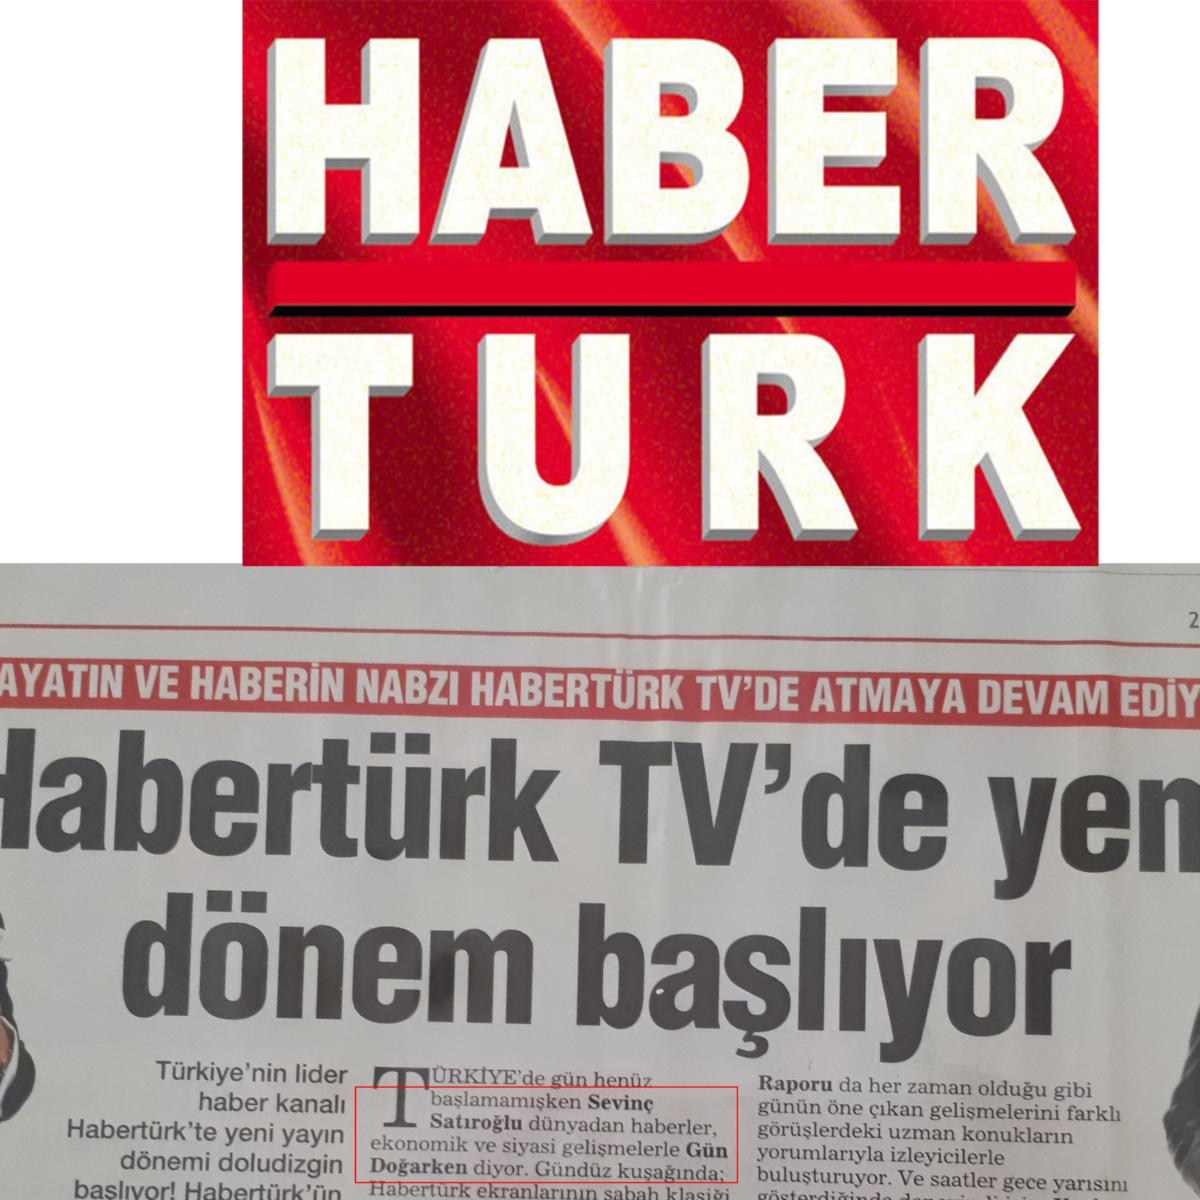 Sevinç Satıroğlu Tv Anchor Haber Sunucu Habertürk Spiker Moderatör